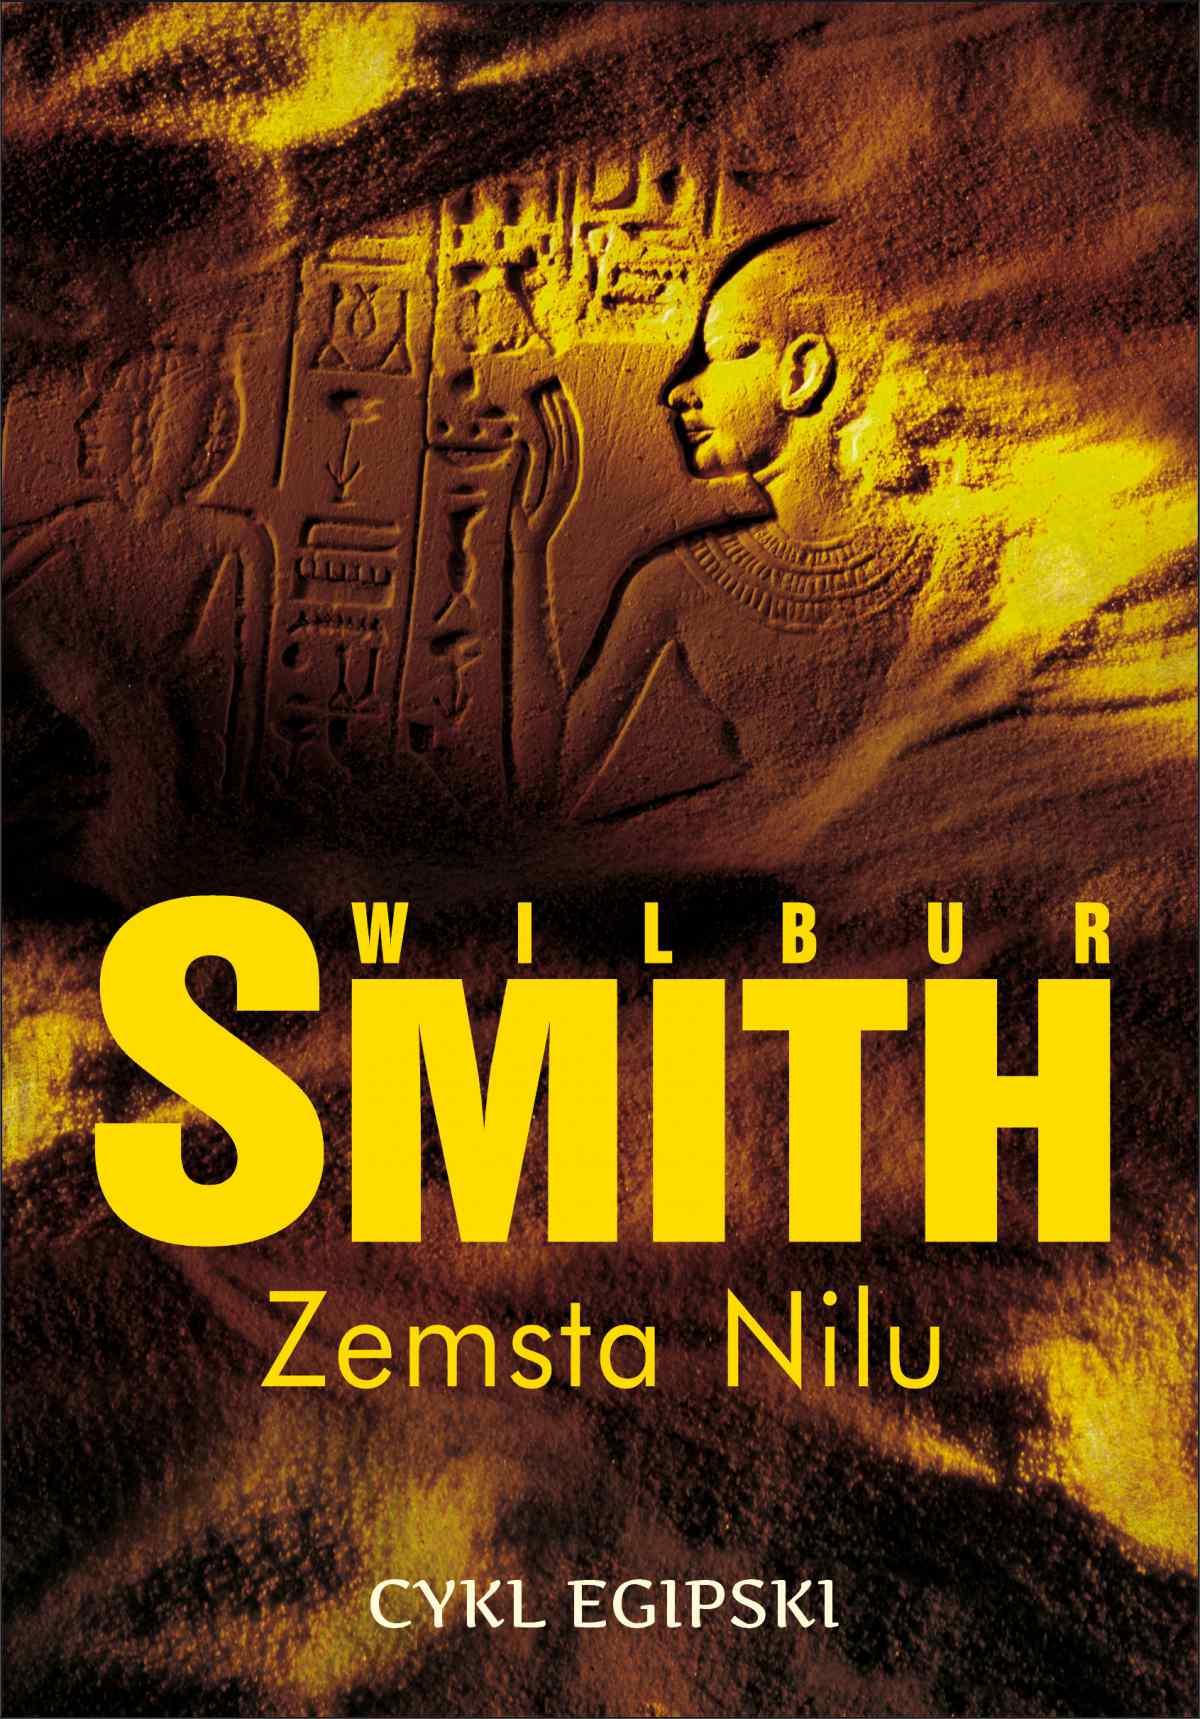 Zemsta Nilu - Ebook (Książka EPUB) do pobrania w formacie EPUB